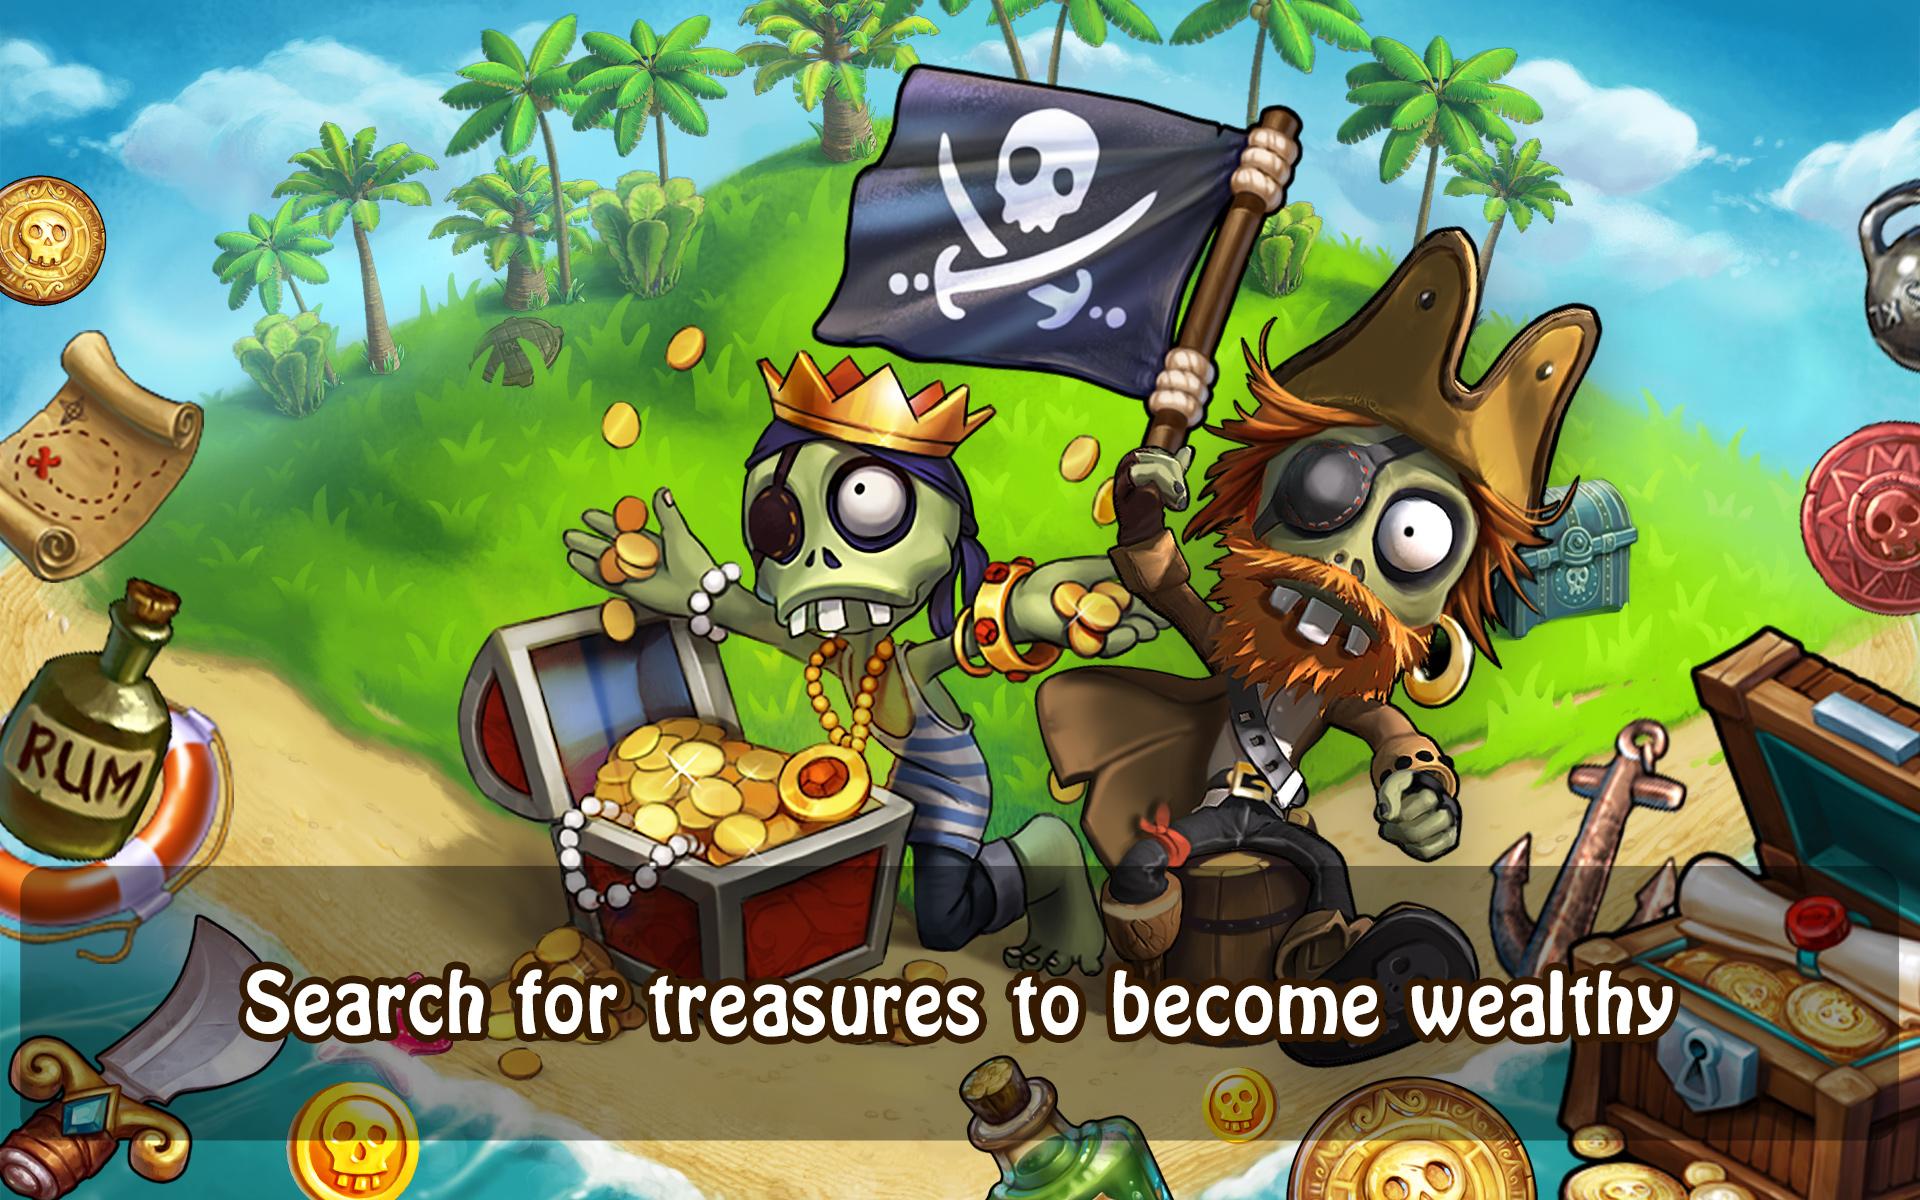 Секретный остров в зомби ферме, чаво: Троянский и Лилипутский острова в мобильной ЗФ 17 фотография